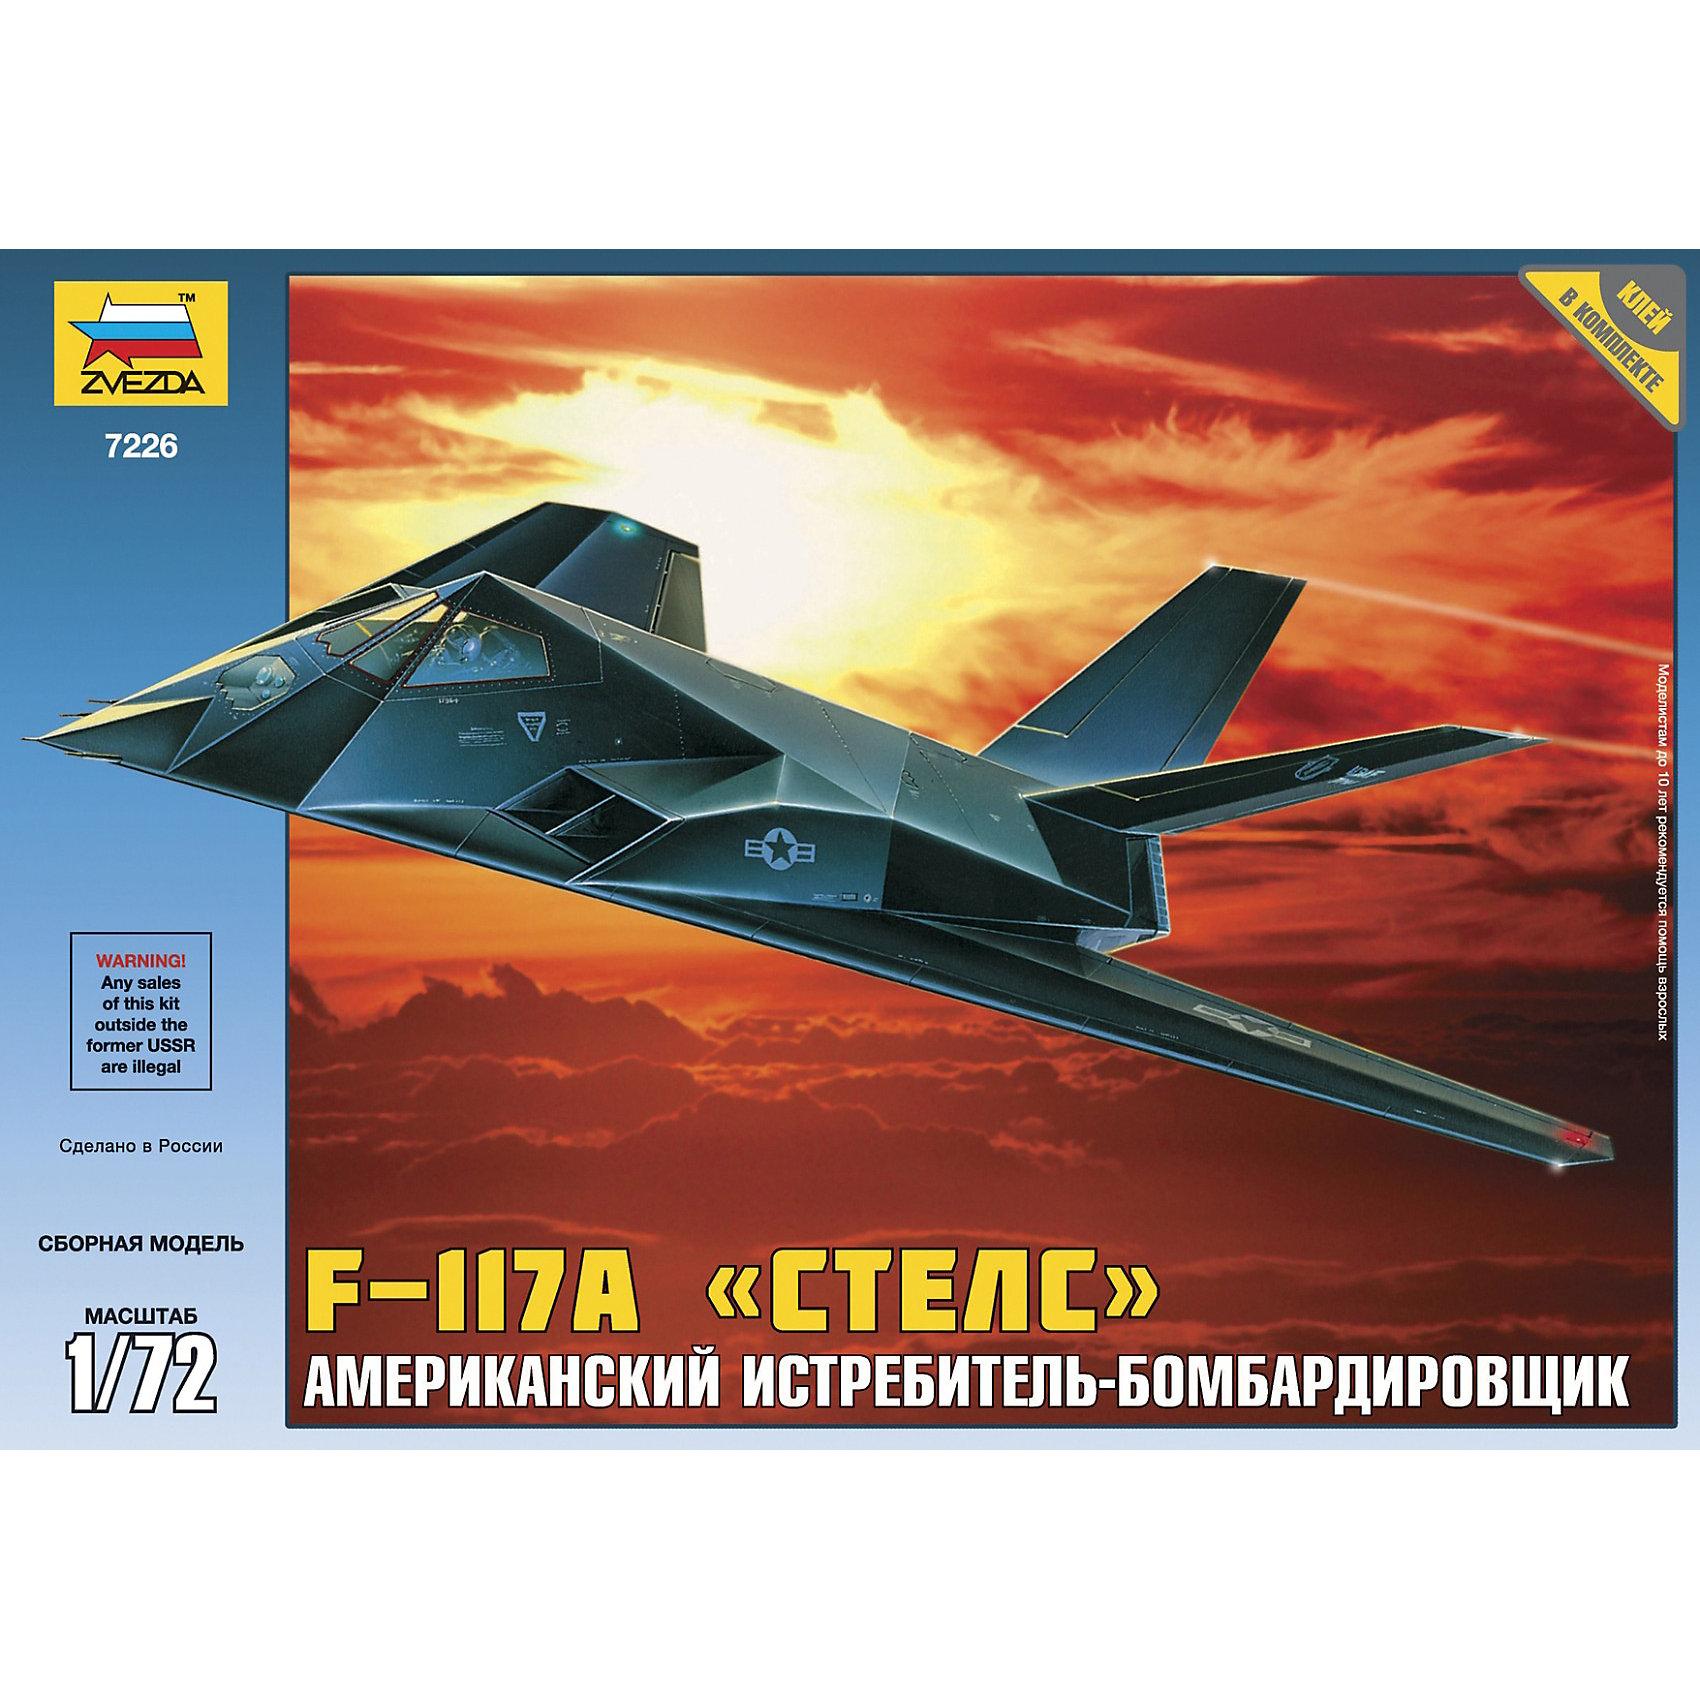 Сборная модель самолета F-117 Стелс, ЗвездаВоенный транспорт<br>Сборная модель самолета F-117 Стелс, Звезда – это склеиваемая объемная модель американского ударного малозаметного самолета «Стелс» из пластика, высокая степень деталировки делает конструктор почти точной миниатюрной копией. Благодаря особой форме самолета, а также оснащению самолета приборами, он может быть невидим на радарах. У самолета Стелс есть функция дозаправки в воздухе. <br><br>Представленная модель самолета для склеивания имеет невысокий уровень сложности. Все соединения разработаны и рассчитаны с большой точностью, поэтому при склейке конструктора у вас не возникнет сложностей. Набор комплектуется декалью – картинкой, которую можно перенести на готовую модель, чтобы сборная модель самолета стала еще больше похожа на настоящий самолет. <br><br>Особенности:<br>-Количество деталей: 42 шт.<br>-Качество изготовления наивысшее<br>-Идеально подходит для подарка<br>-Прививает практические навыки работы со схемами и чертежами<br>-Развивает интеллектуальные способности, воображение и конструктивное мышление, мелкую моторику, усидчивость, внимание<br><br>Дополнительная информация:<br>-Материал: пластик <br>-Размер готовой модели: 27 см<br>-Клей и краски в комплект набора не входят<br>-Комплектация: 42 шт. деталей, инструкция, декаль<br><br>Благодаря экстравагантным и запоминающимся формам прототипа, эта модель самолета будет прекрасным дополнением в Вашей коллекции военных реактивных самолетов.<br><br>Сборную модель самолета F-117 Стелс, Звезда можно купить в нашем магазине.<br><br>Ширина мм: 345<br>Глубина мм: 60<br>Высота мм: 242<br>Вес г: 225<br>Возраст от месяцев: 36<br>Возраст до месяцев: 168<br>Пол: Мужской<br>Возраст: Детский<br>SKU: 3676474